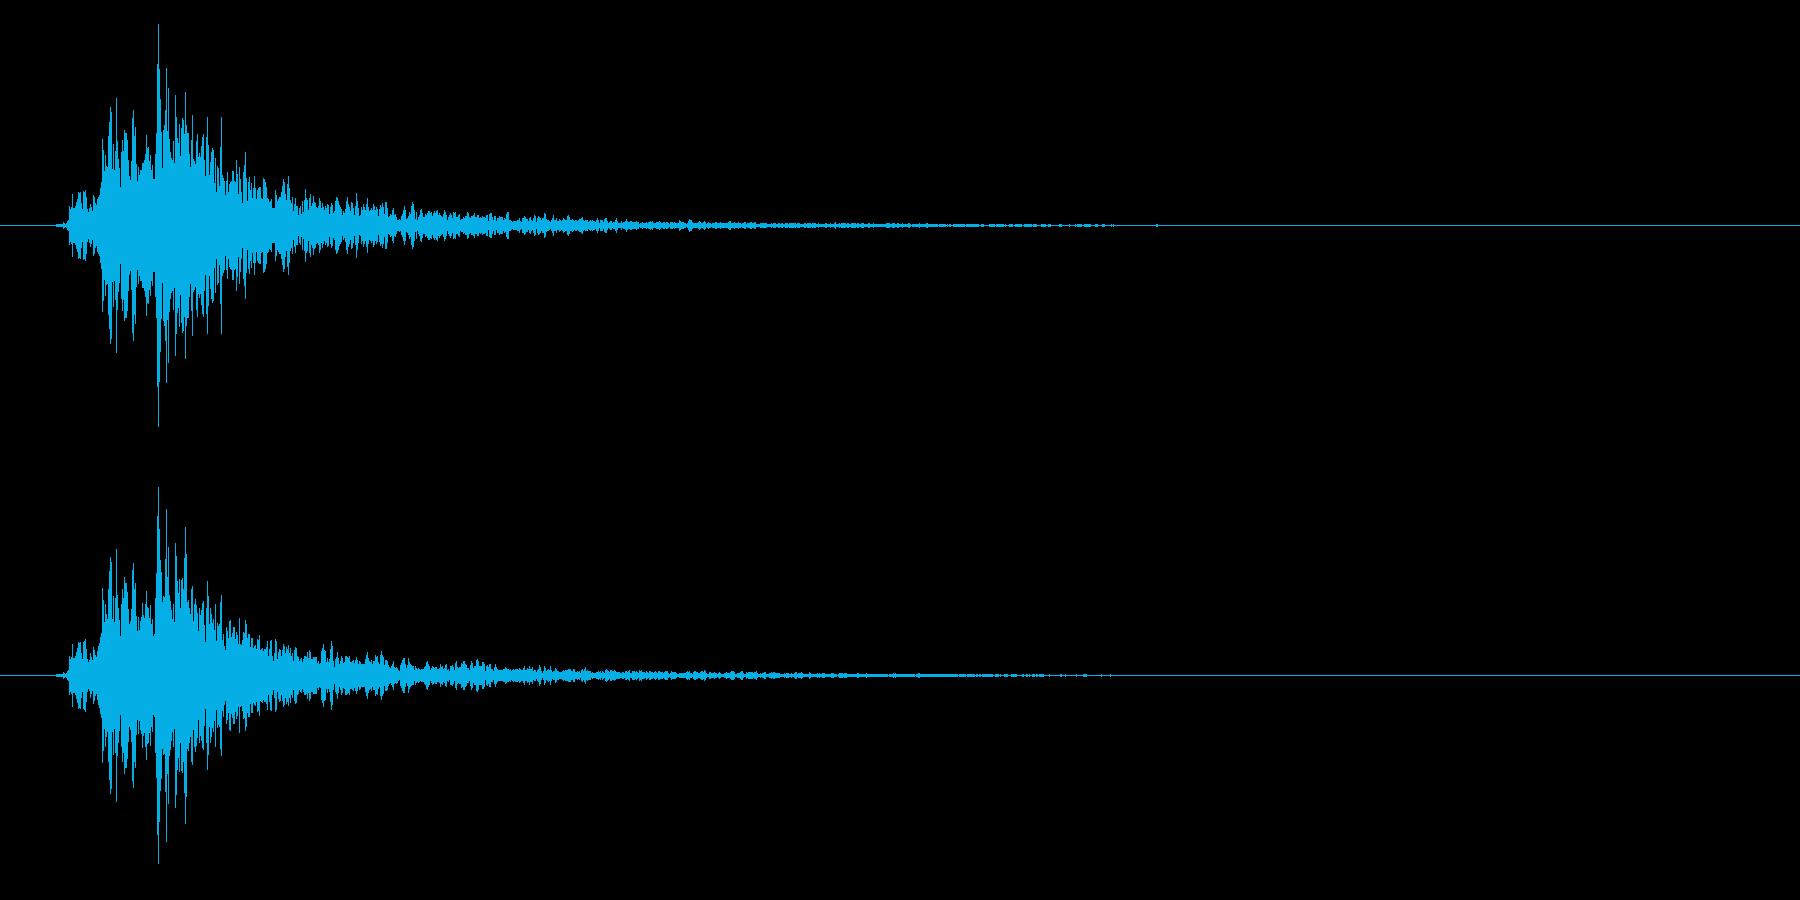 神楽鈴01-5の再生済みの波形